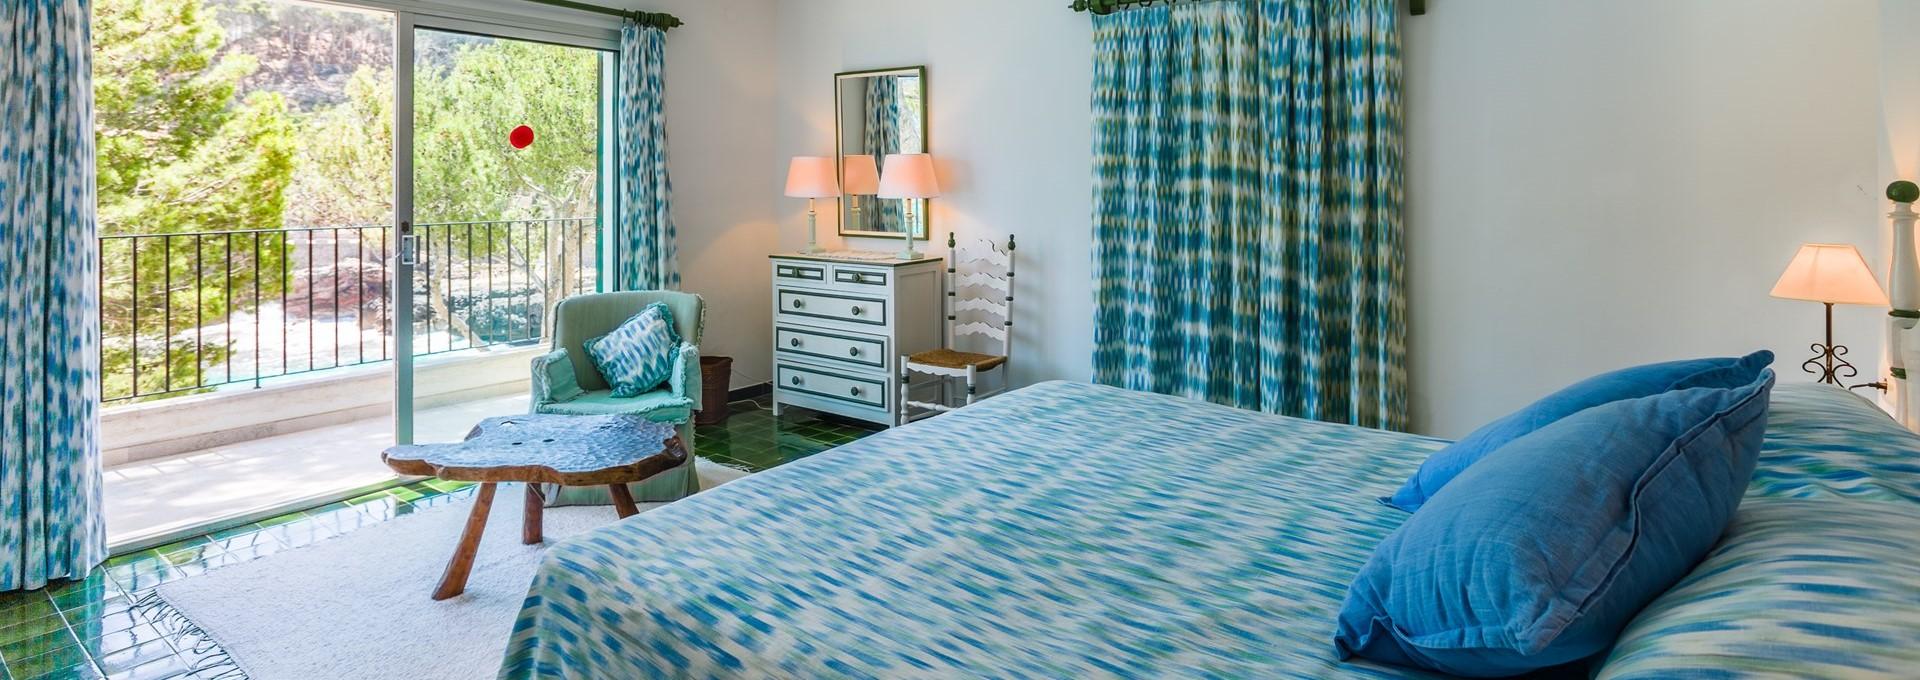 villa-mar-azul-double-bedroom-2